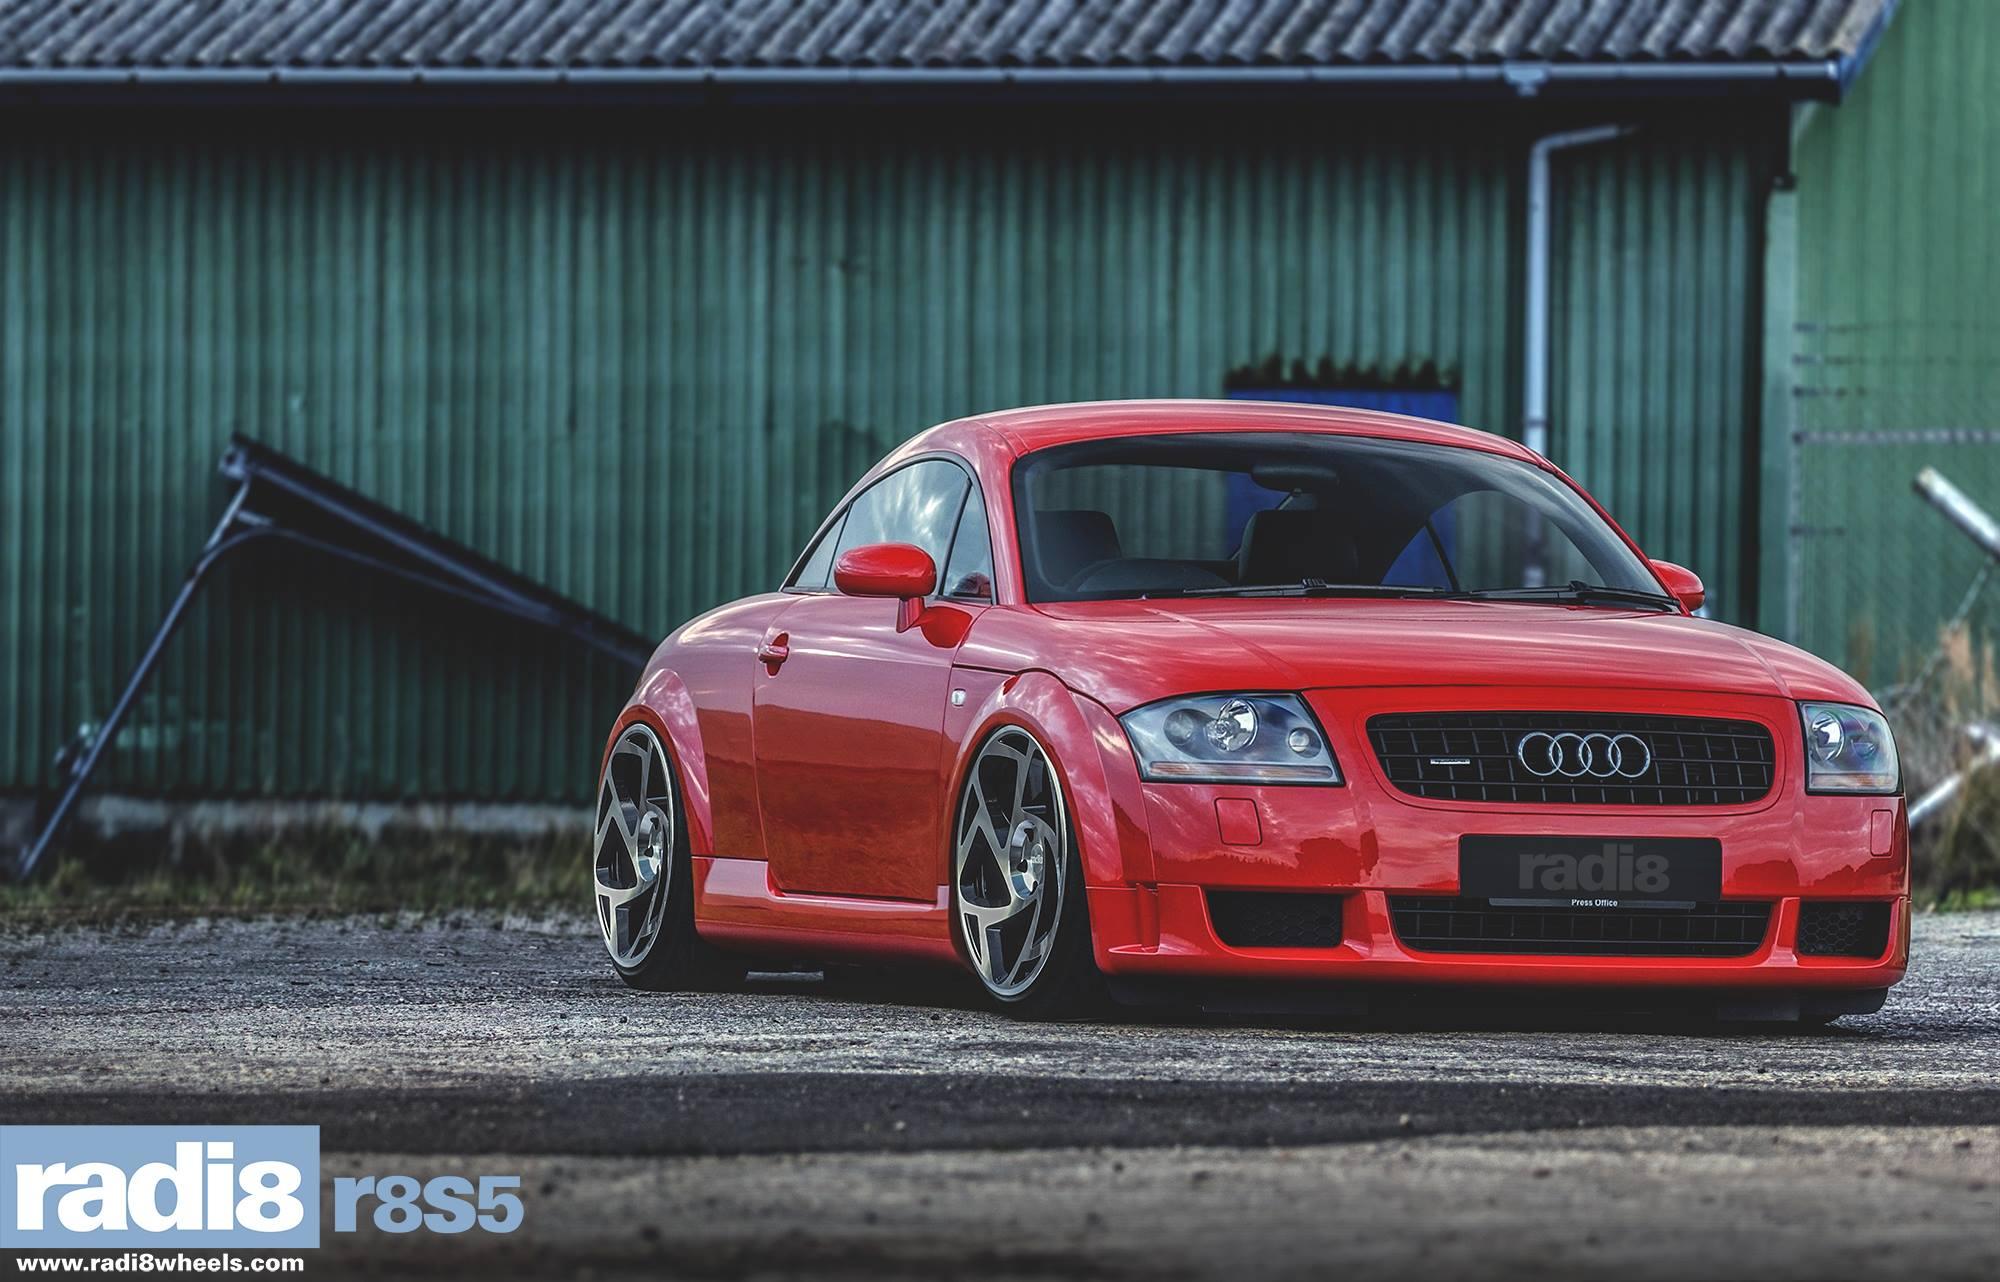 Radi8 R8S5 - Audi TT Quattro Coupe